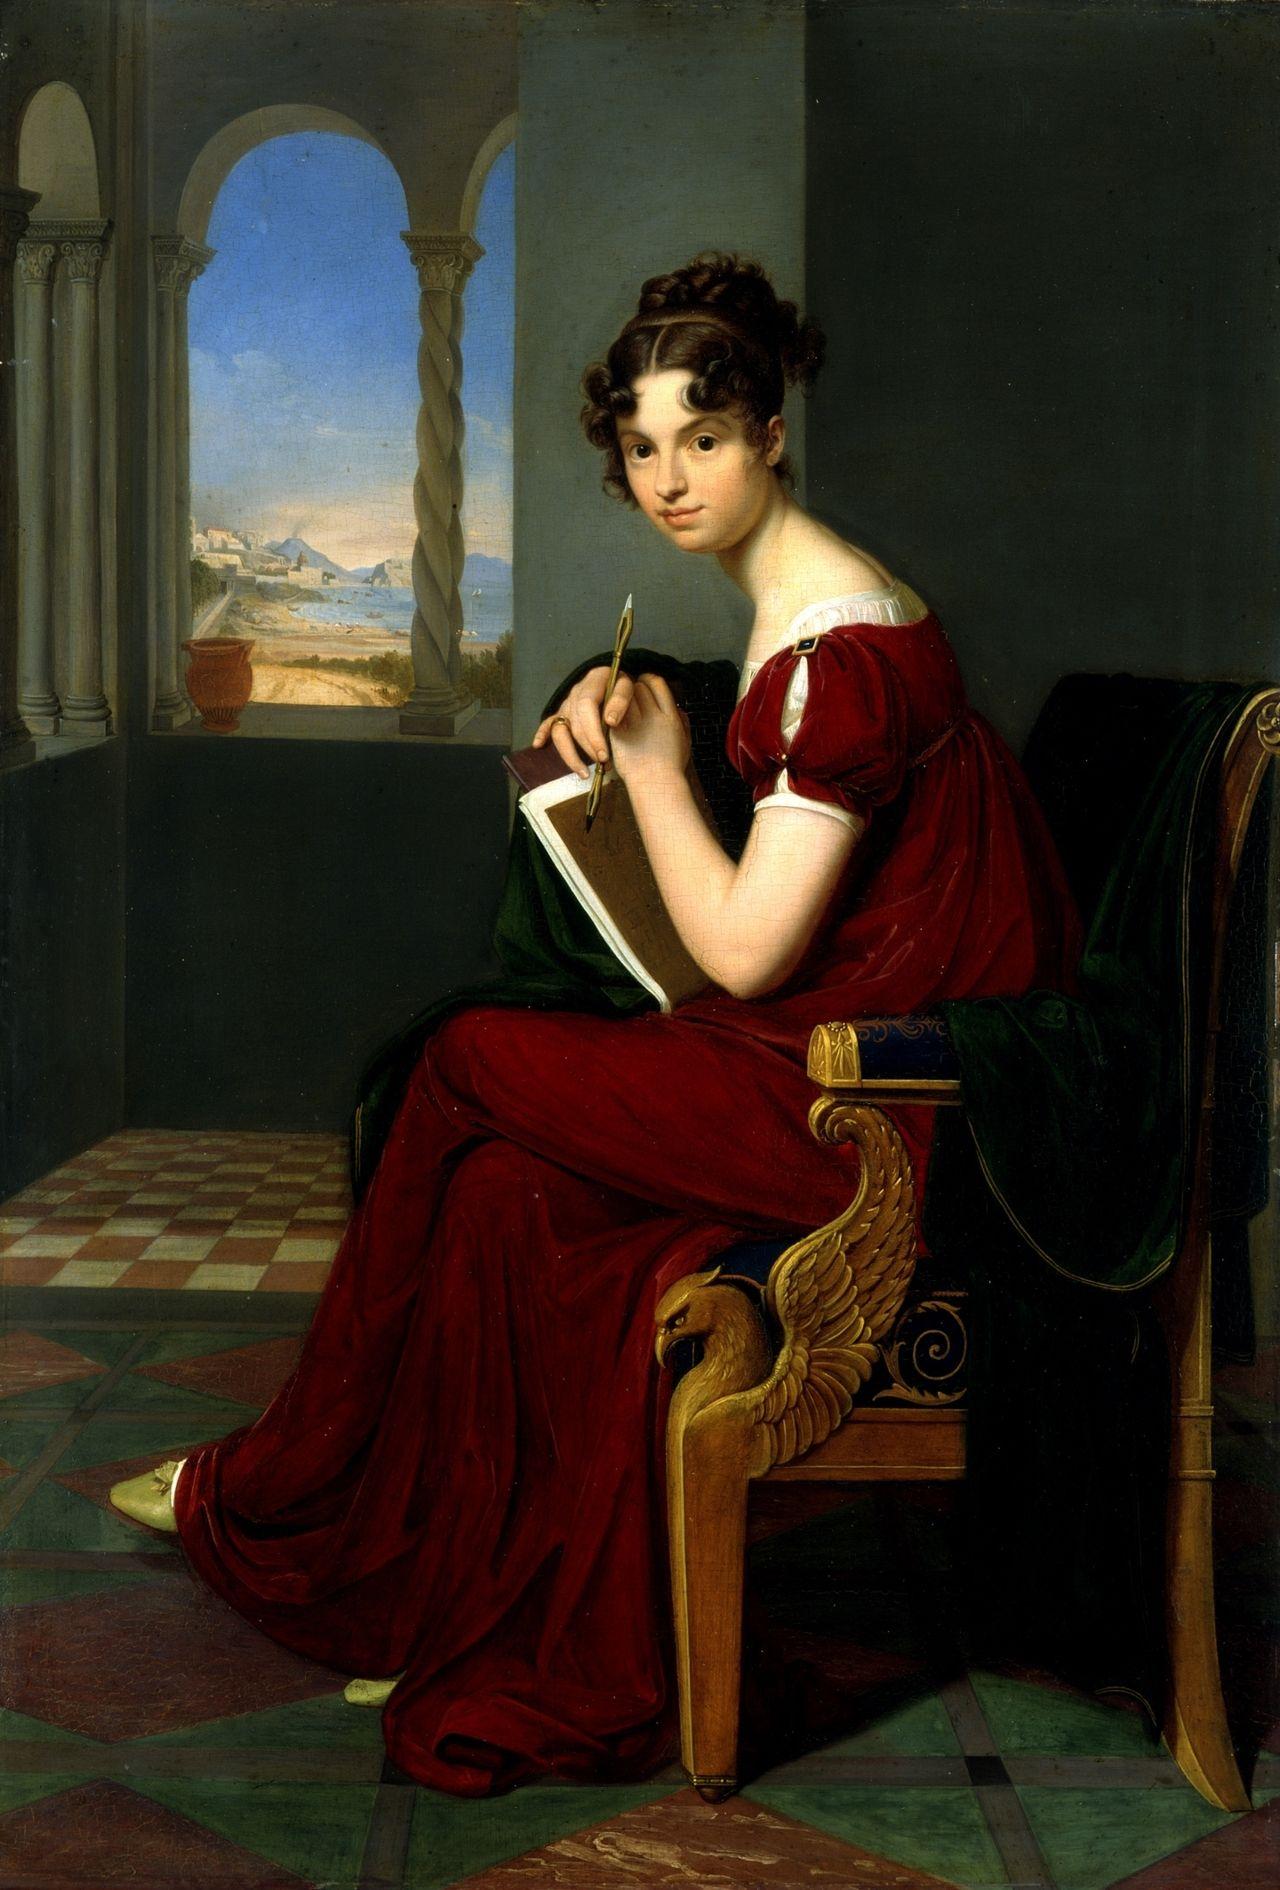 Junge Dame mit Zeichengerät by Carl Christian Vogel von Vogelstein, Germany 1816 (Galerie Neue Meister)